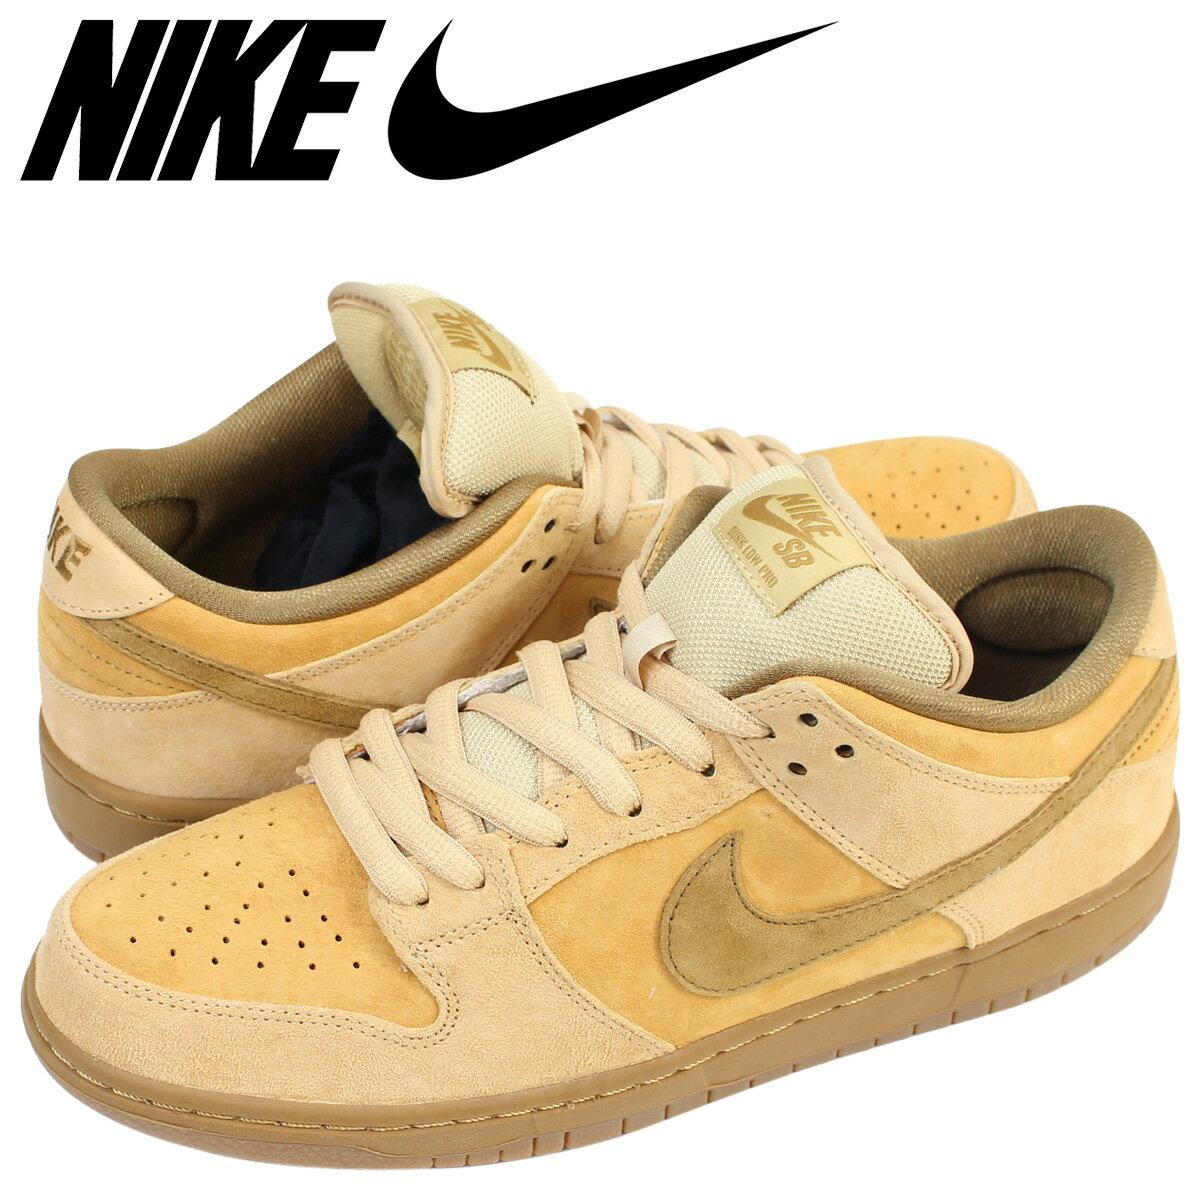 メンズ靴, スニーカー  NIKE SB DUNK LOW DUNE WHEAT 883232-700 zzi